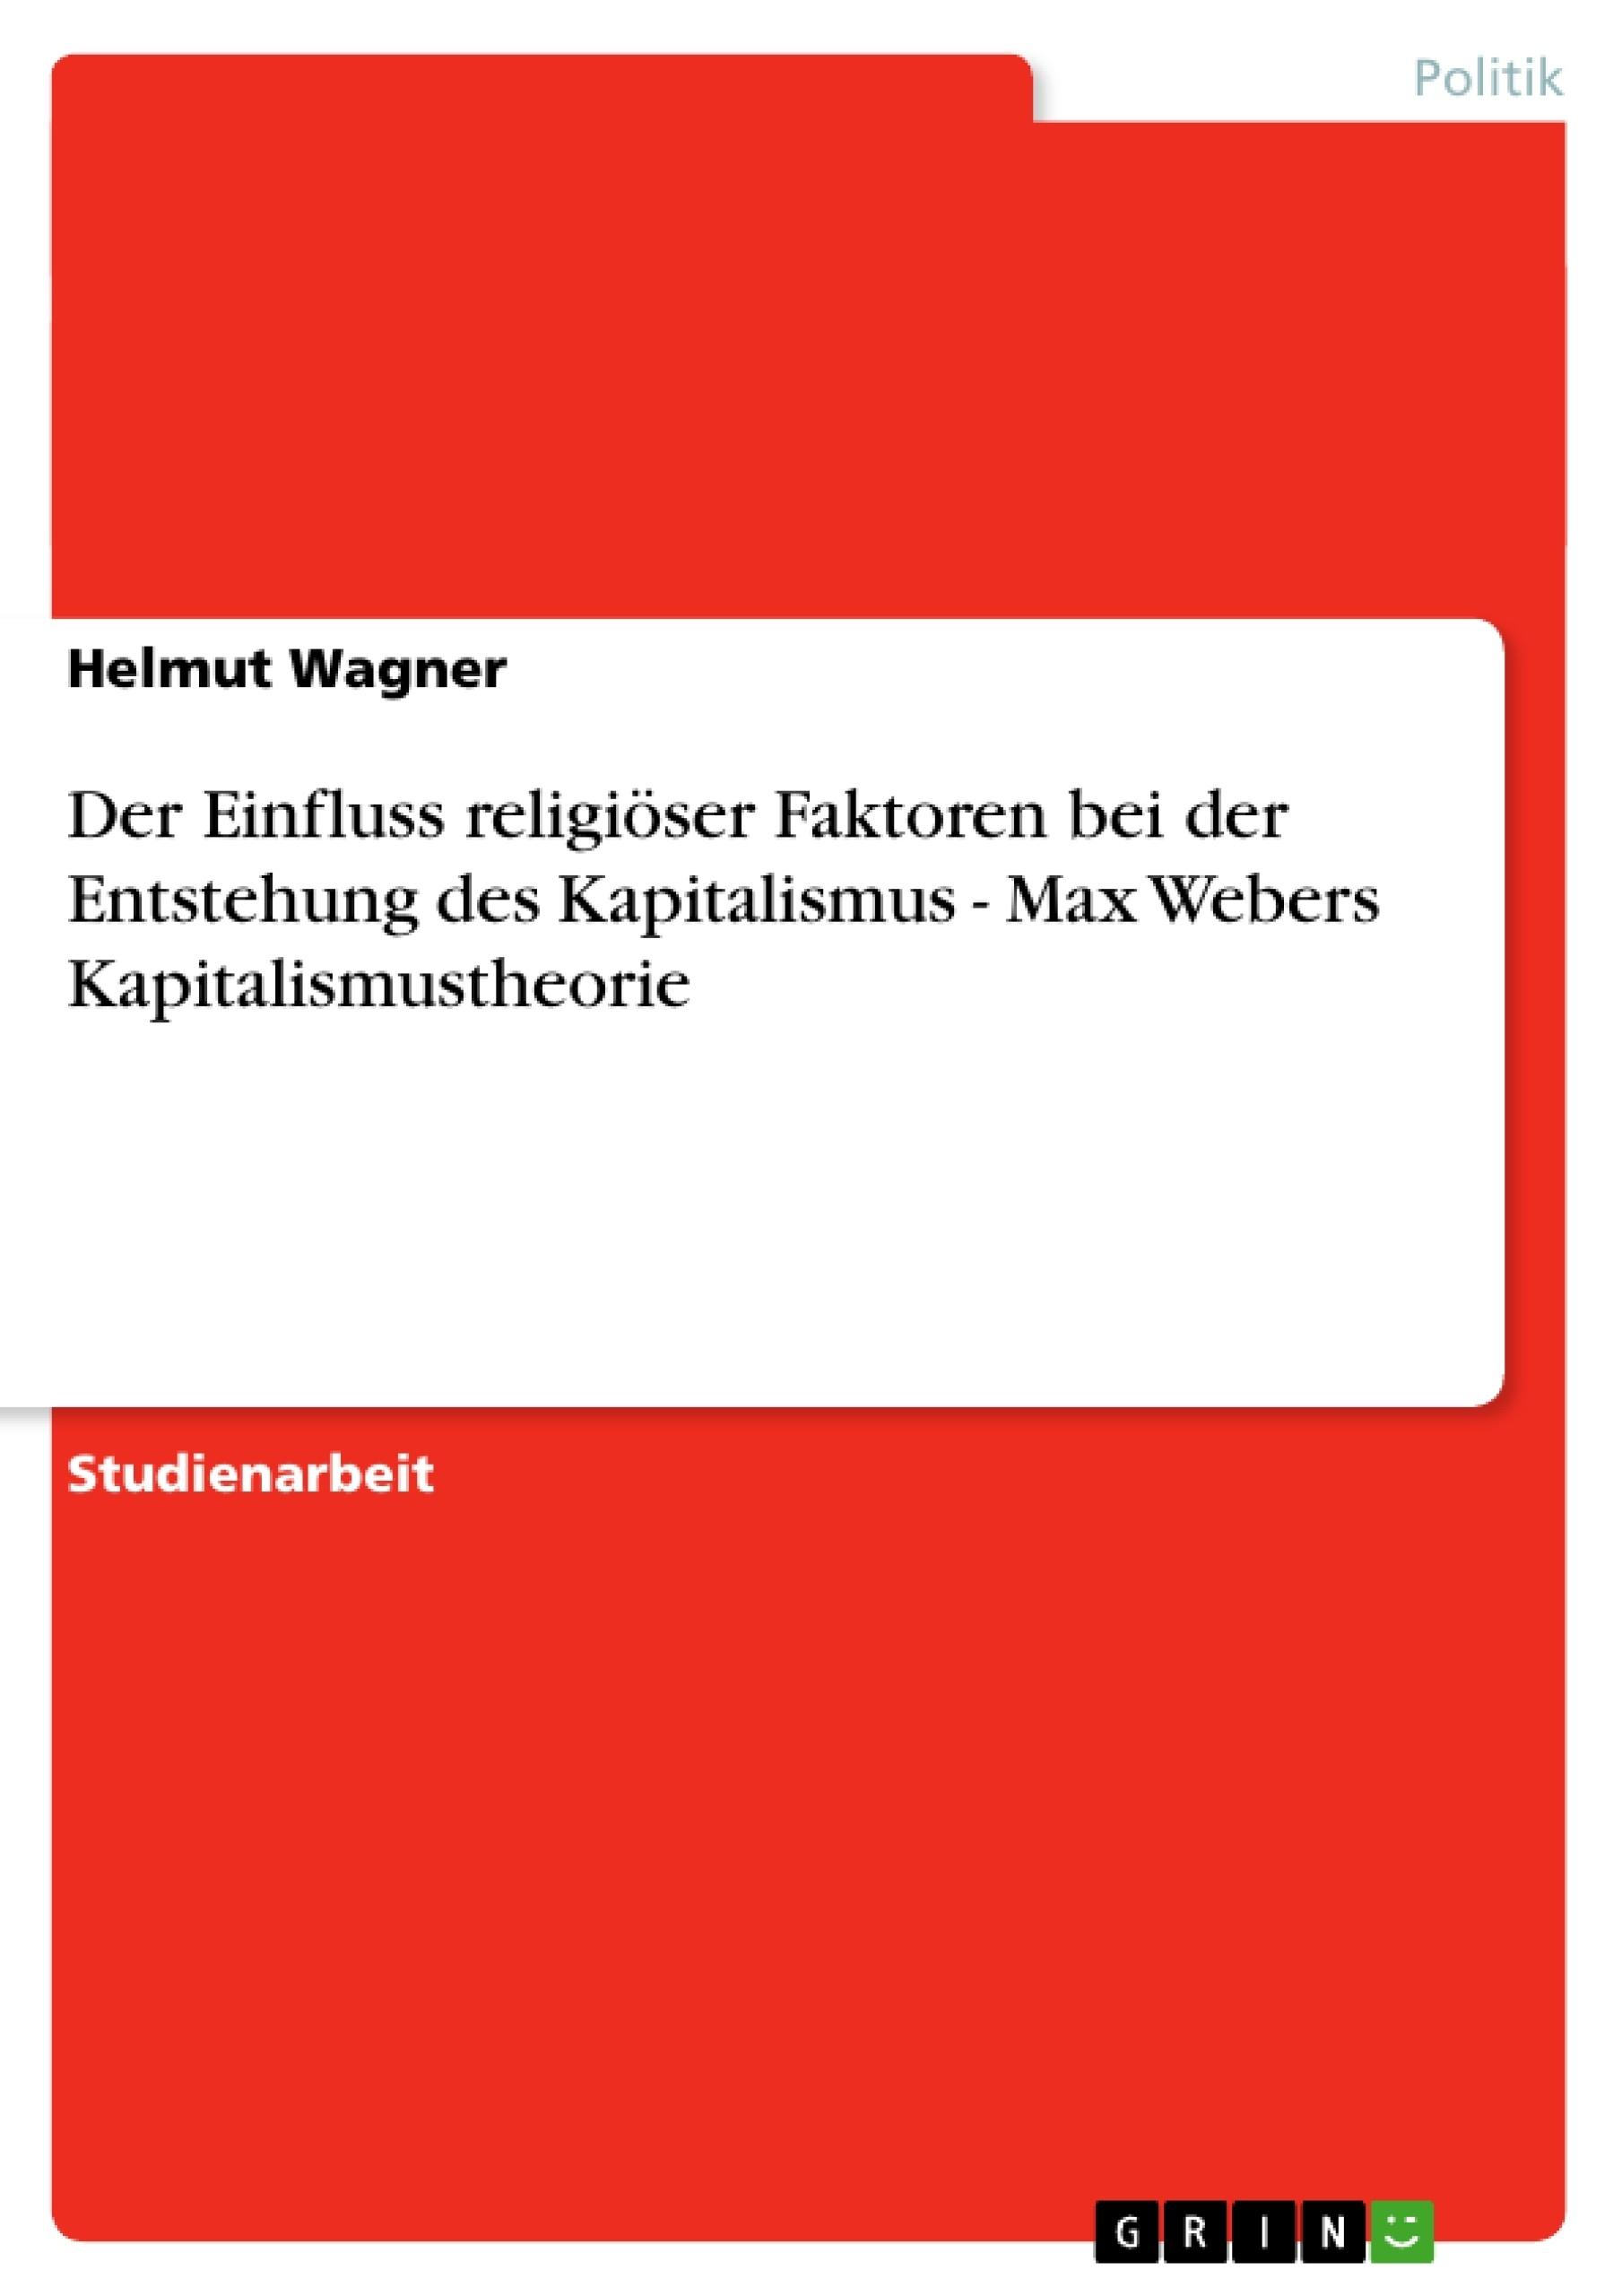 Titel: Der Einfluss religiöser Faktoren bei der Entstehung des Kapitalismus - Max Webers Kapitalismustheorie